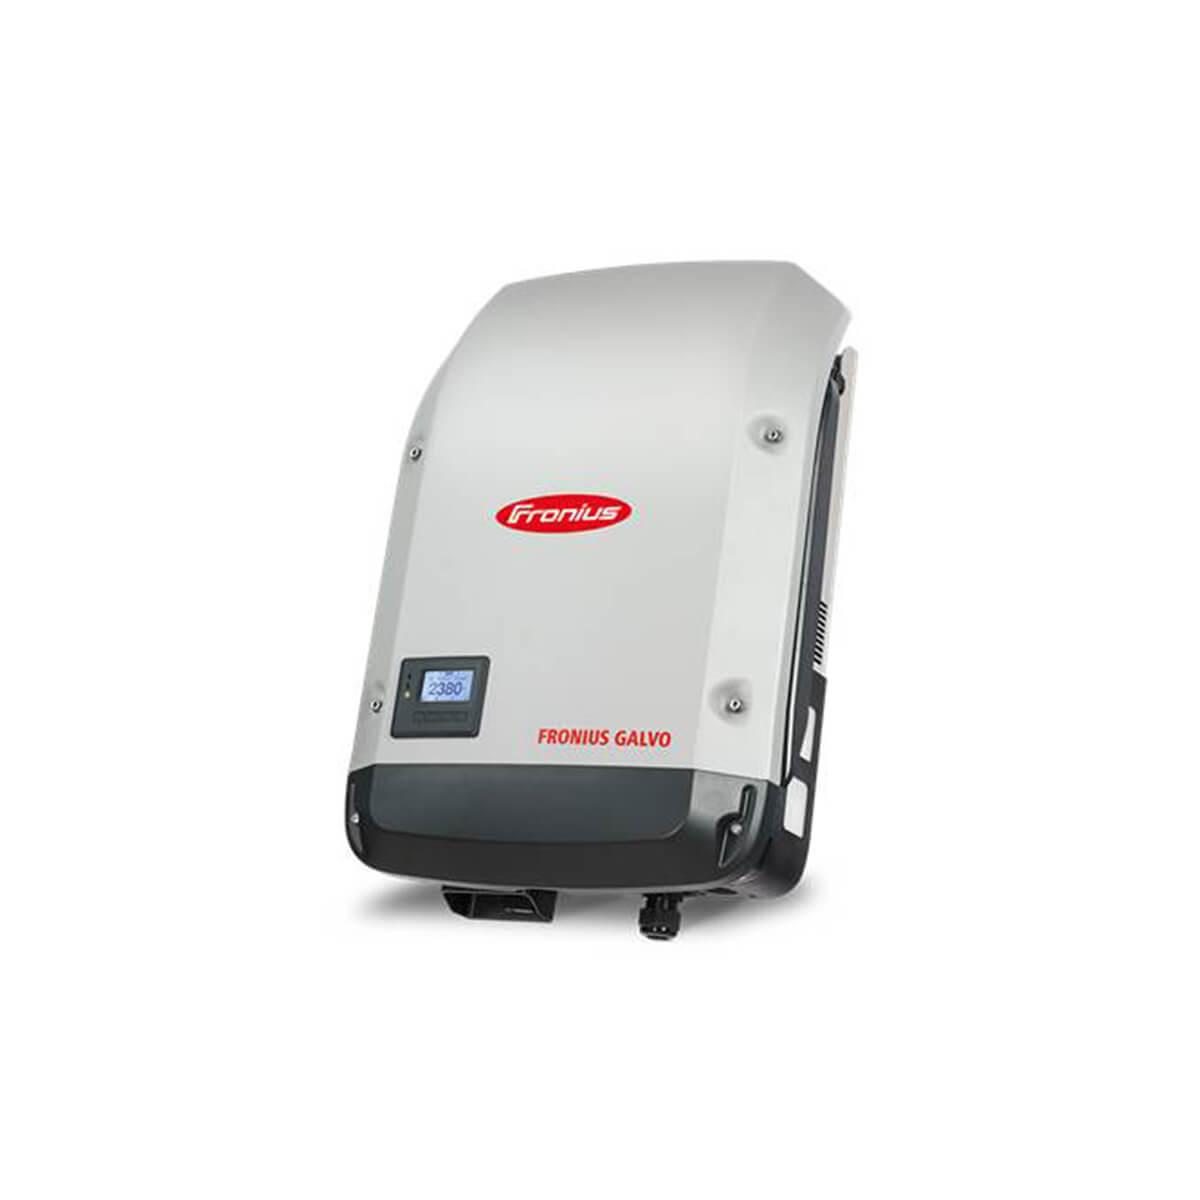 fronius 1.5kW inverter, fronius galvo 1.5kW inverter, fronius galvo 1.5-1 inverter, fronius galvo 1.5-1, fronius galvo 1.5 kW